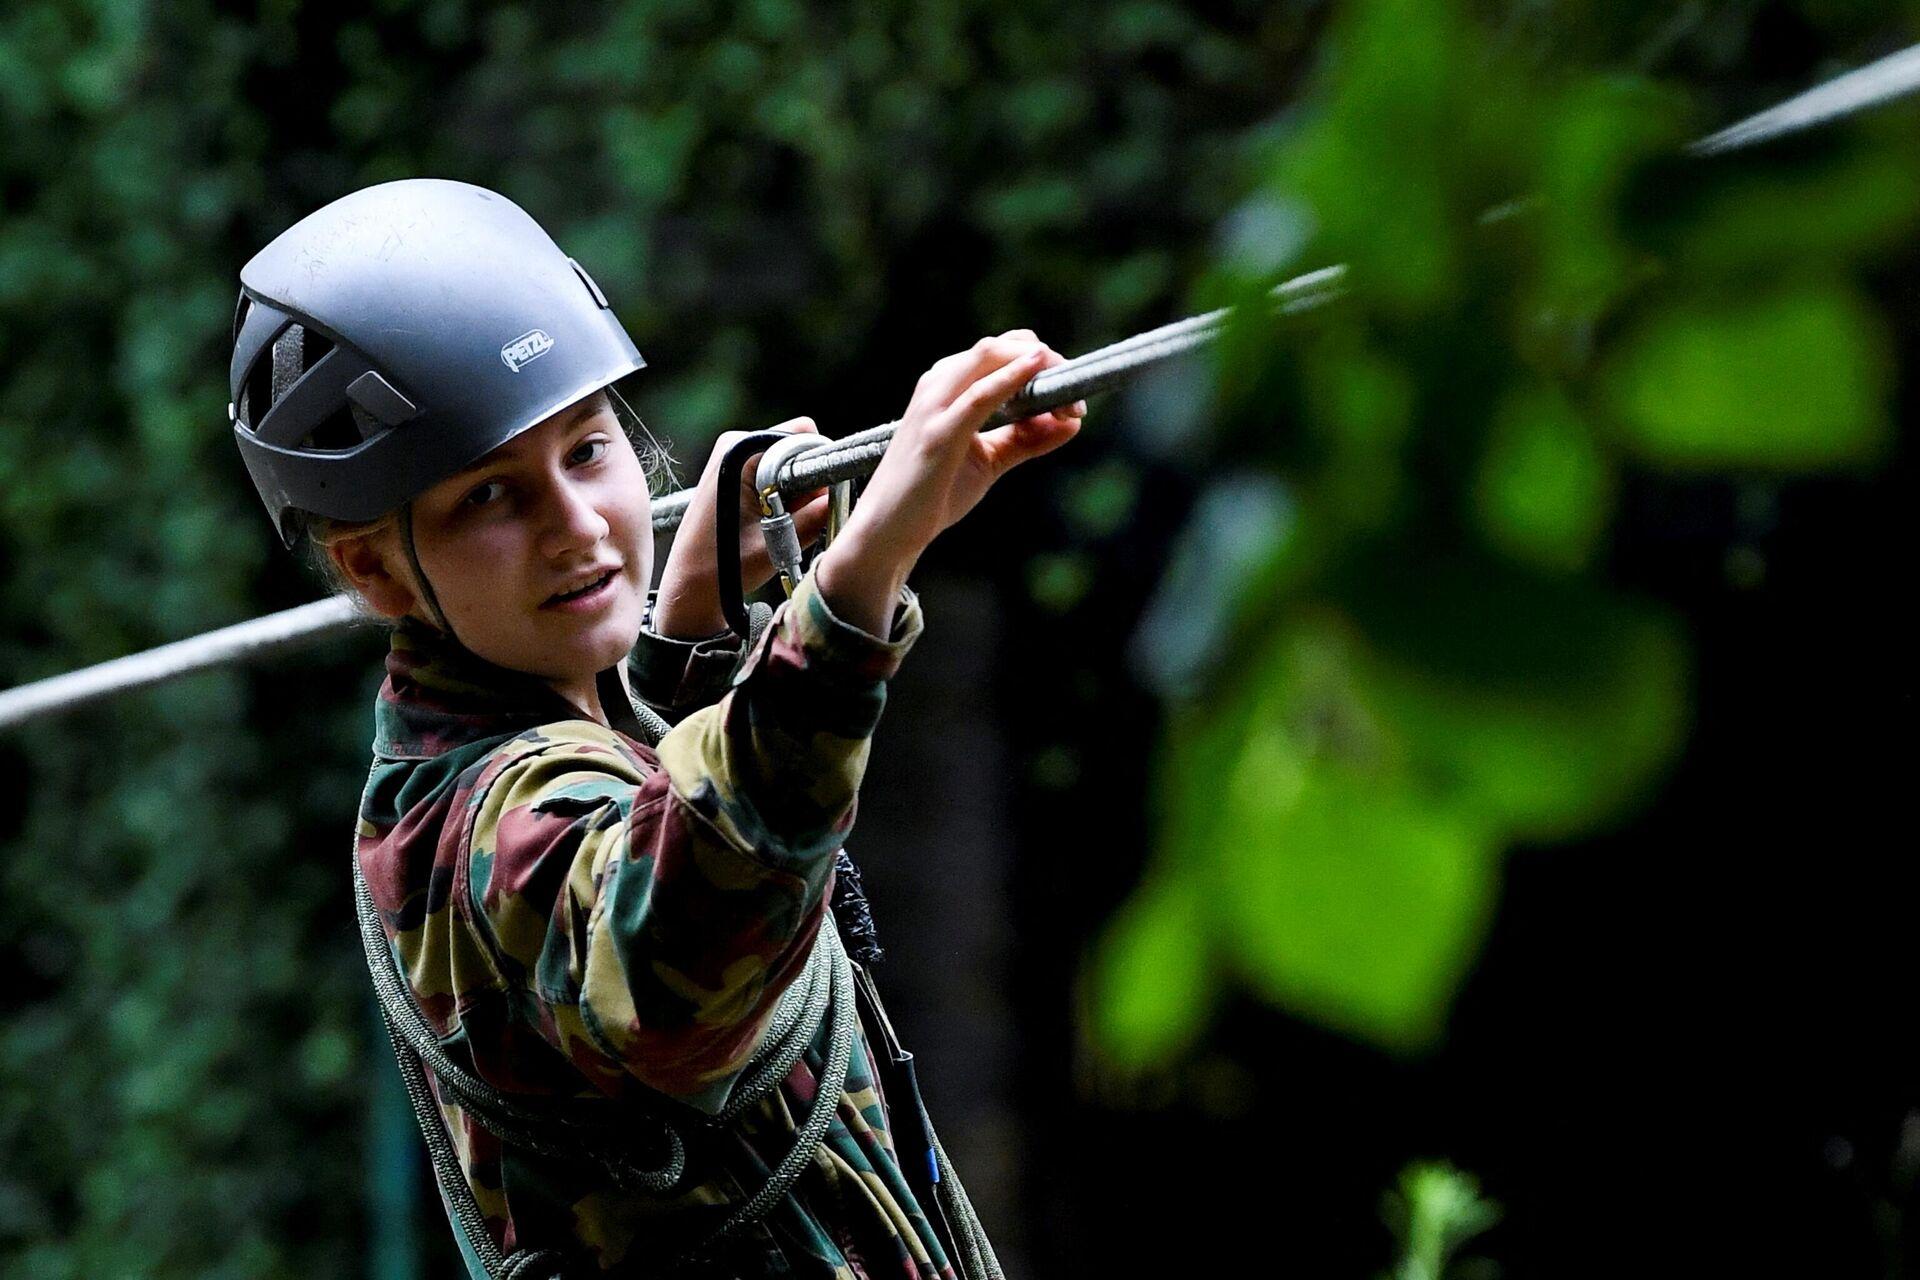 Елизавета на тренировках в Учебном центре Commando, это стало завершающим этапом ее годичного обучения в Королевской военной академии в Марш-ле-Даме - Sputnik Беларусь, 1920, 13.10.2021